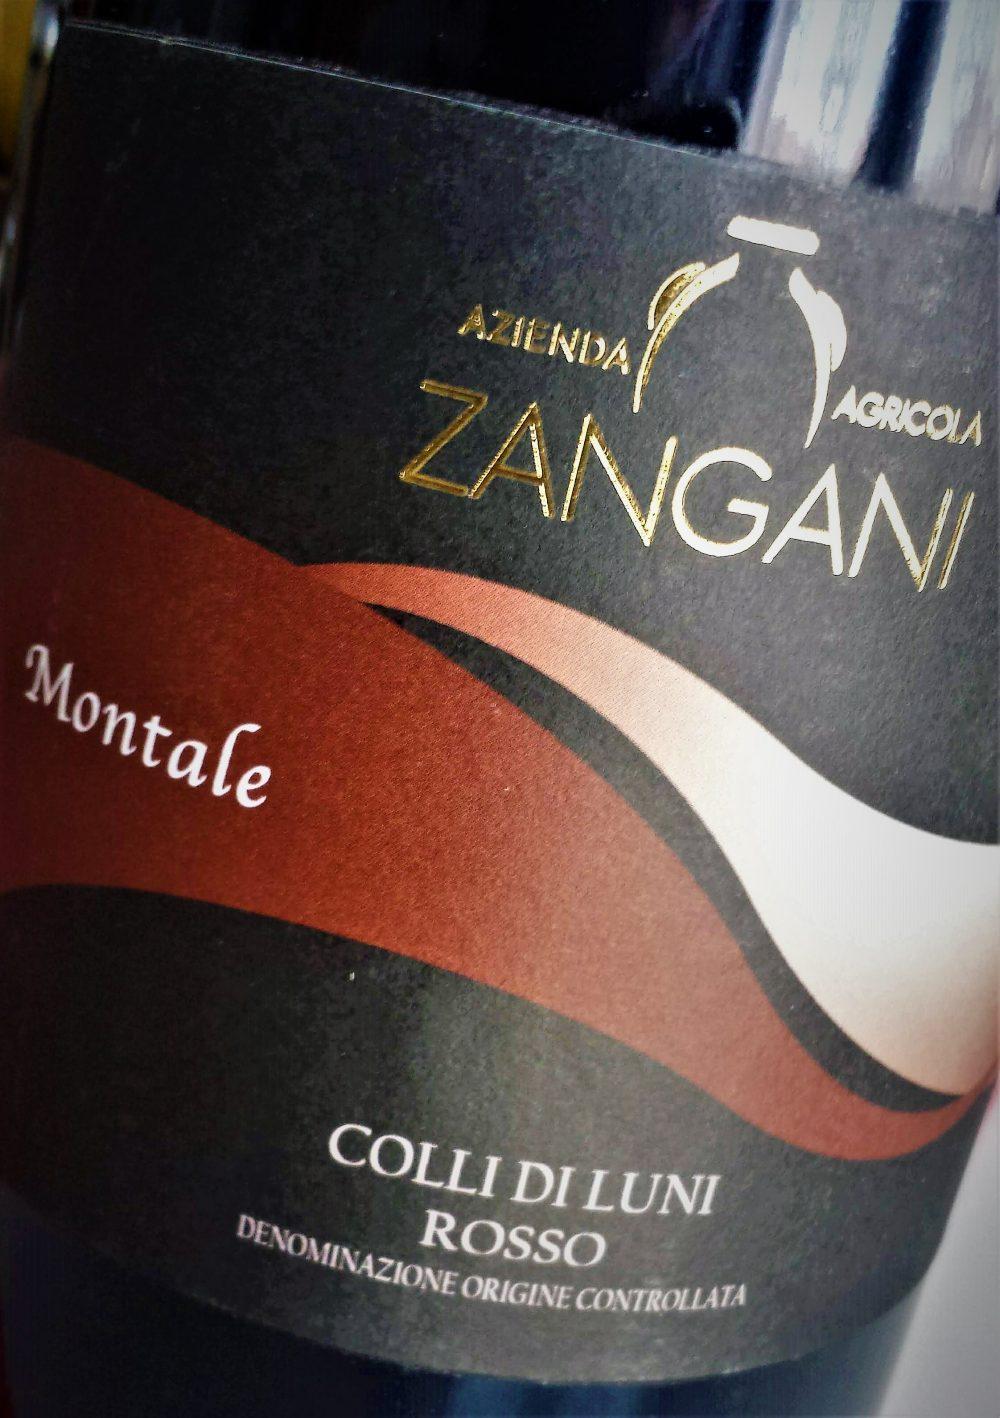 Colli di Luni Rosso Montale 2015 Magnum, Zangani